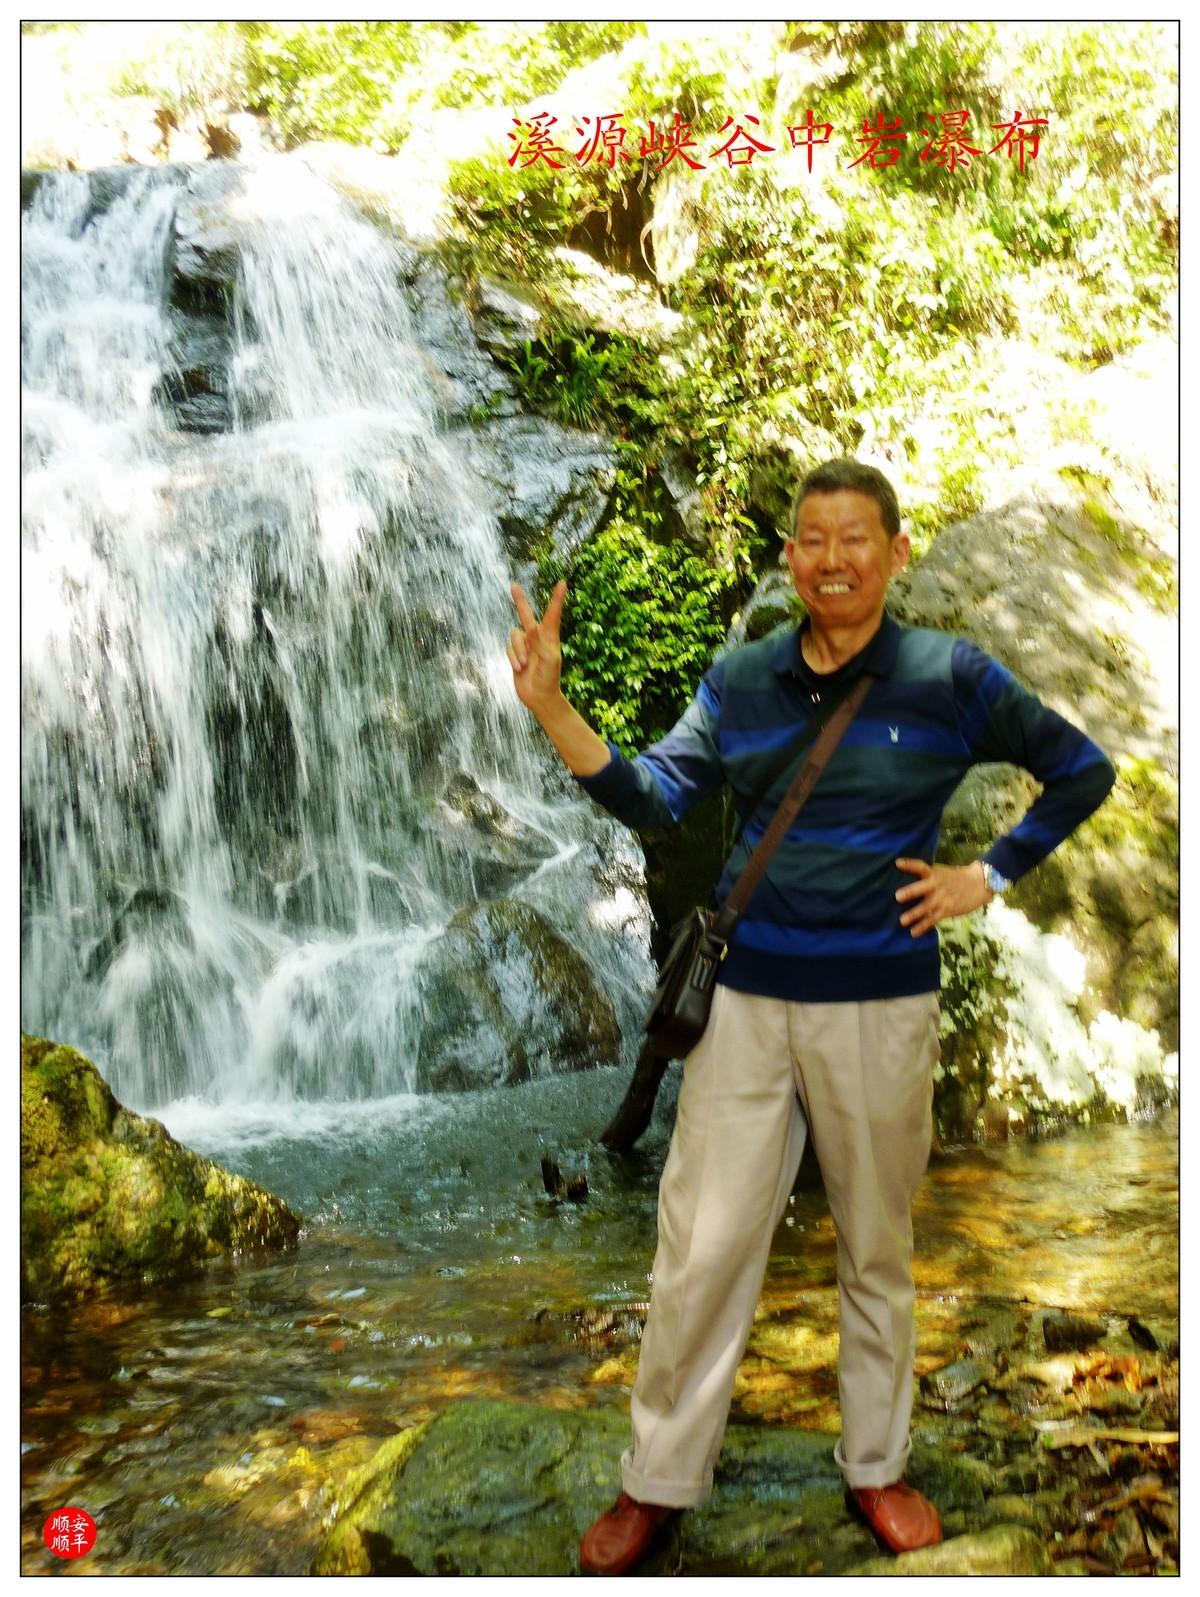 家乡的风景------福建南平延平溪源峡谷风光(上)